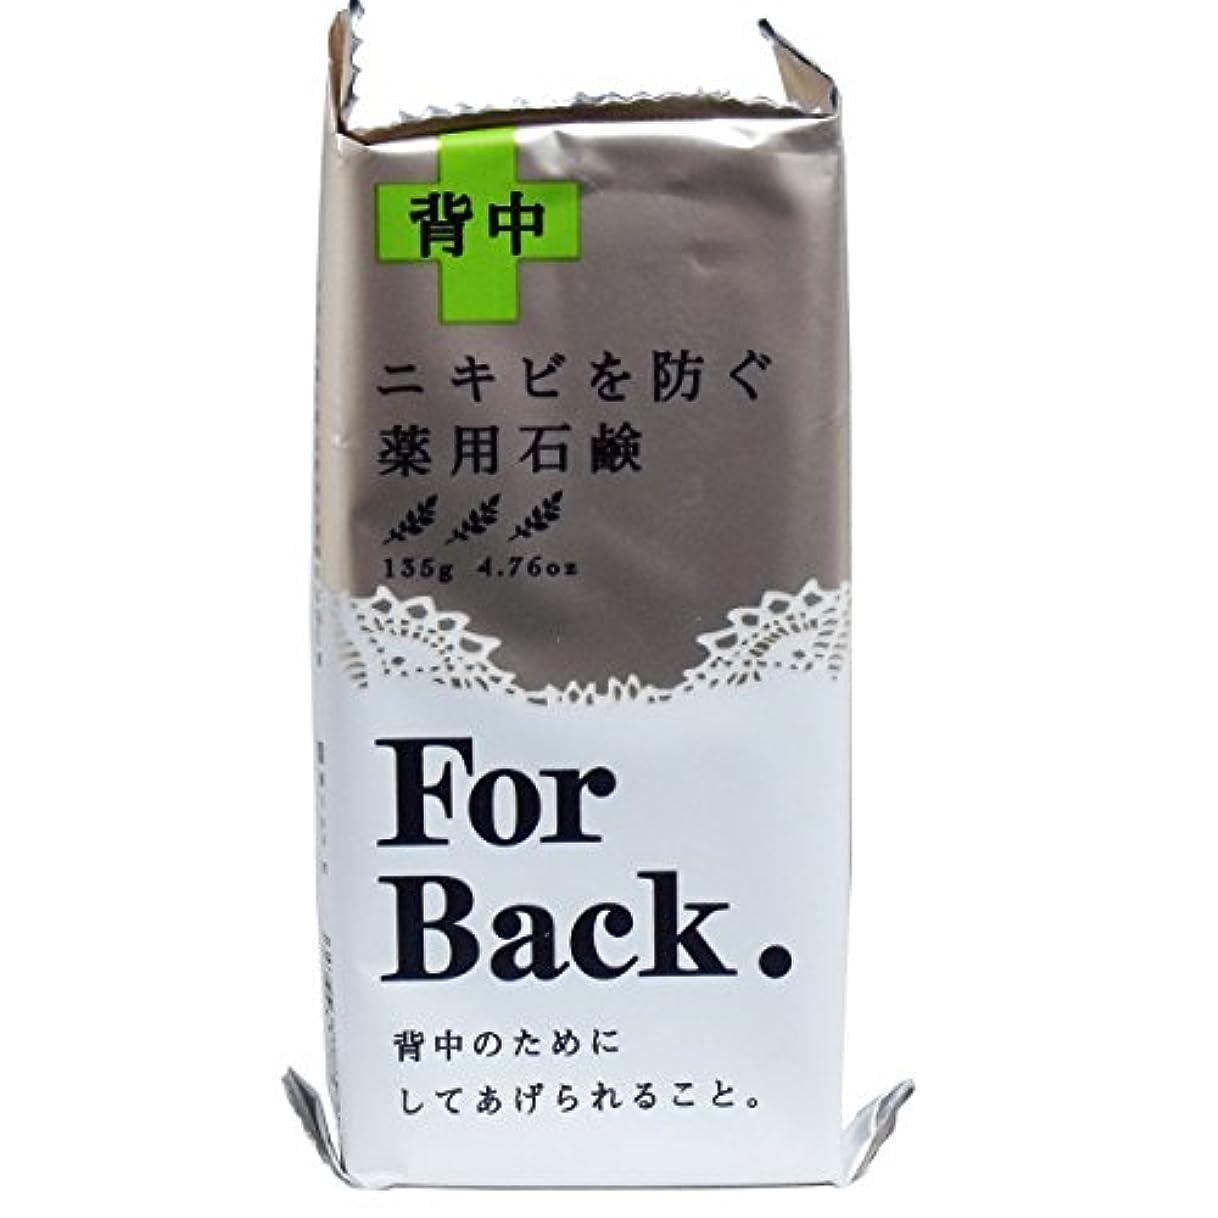 脆い犠牲徐々に薬用石鹸ForBack 135g ×2セット